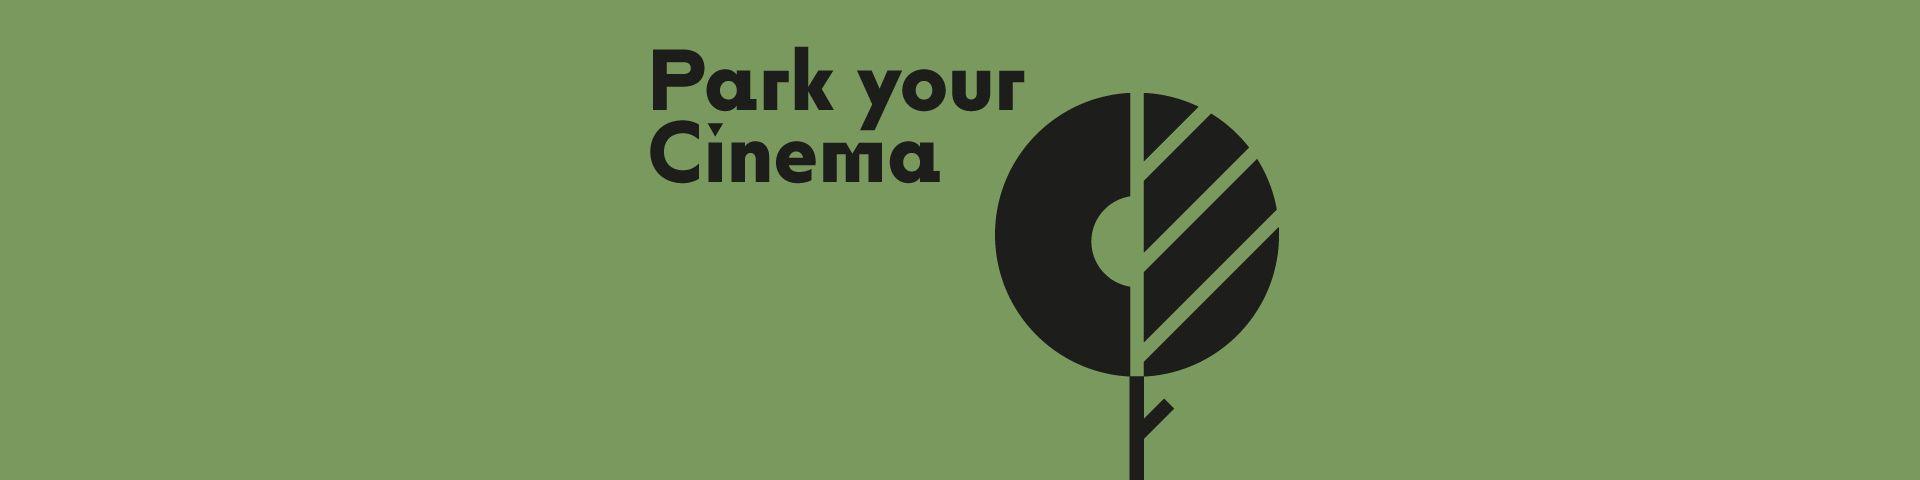 Park Your Cinema